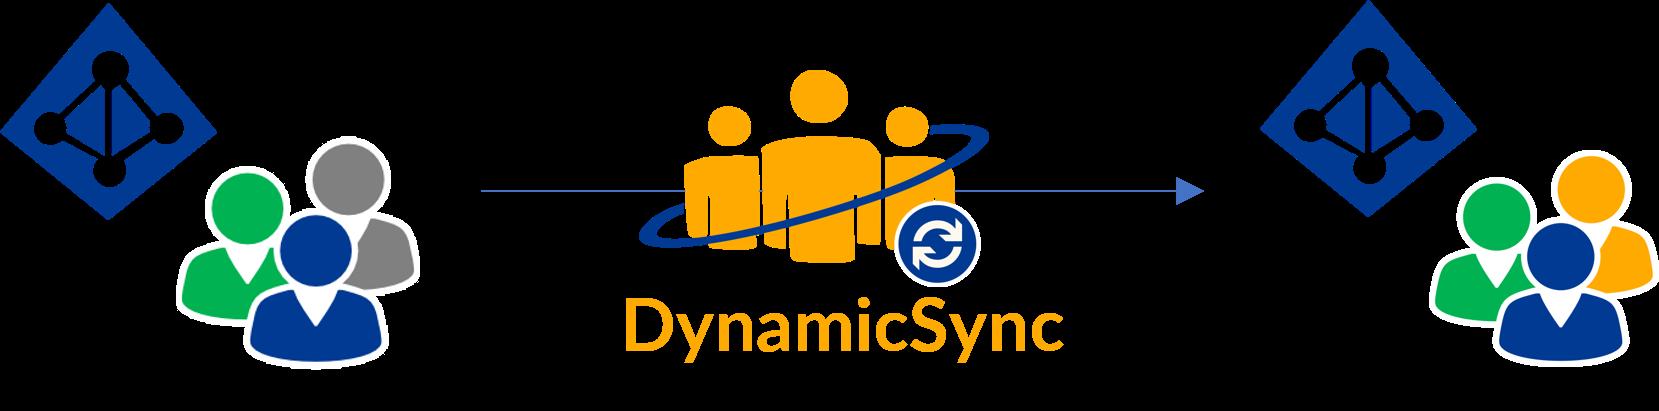 DynamicSync - Group synchronization in Azure